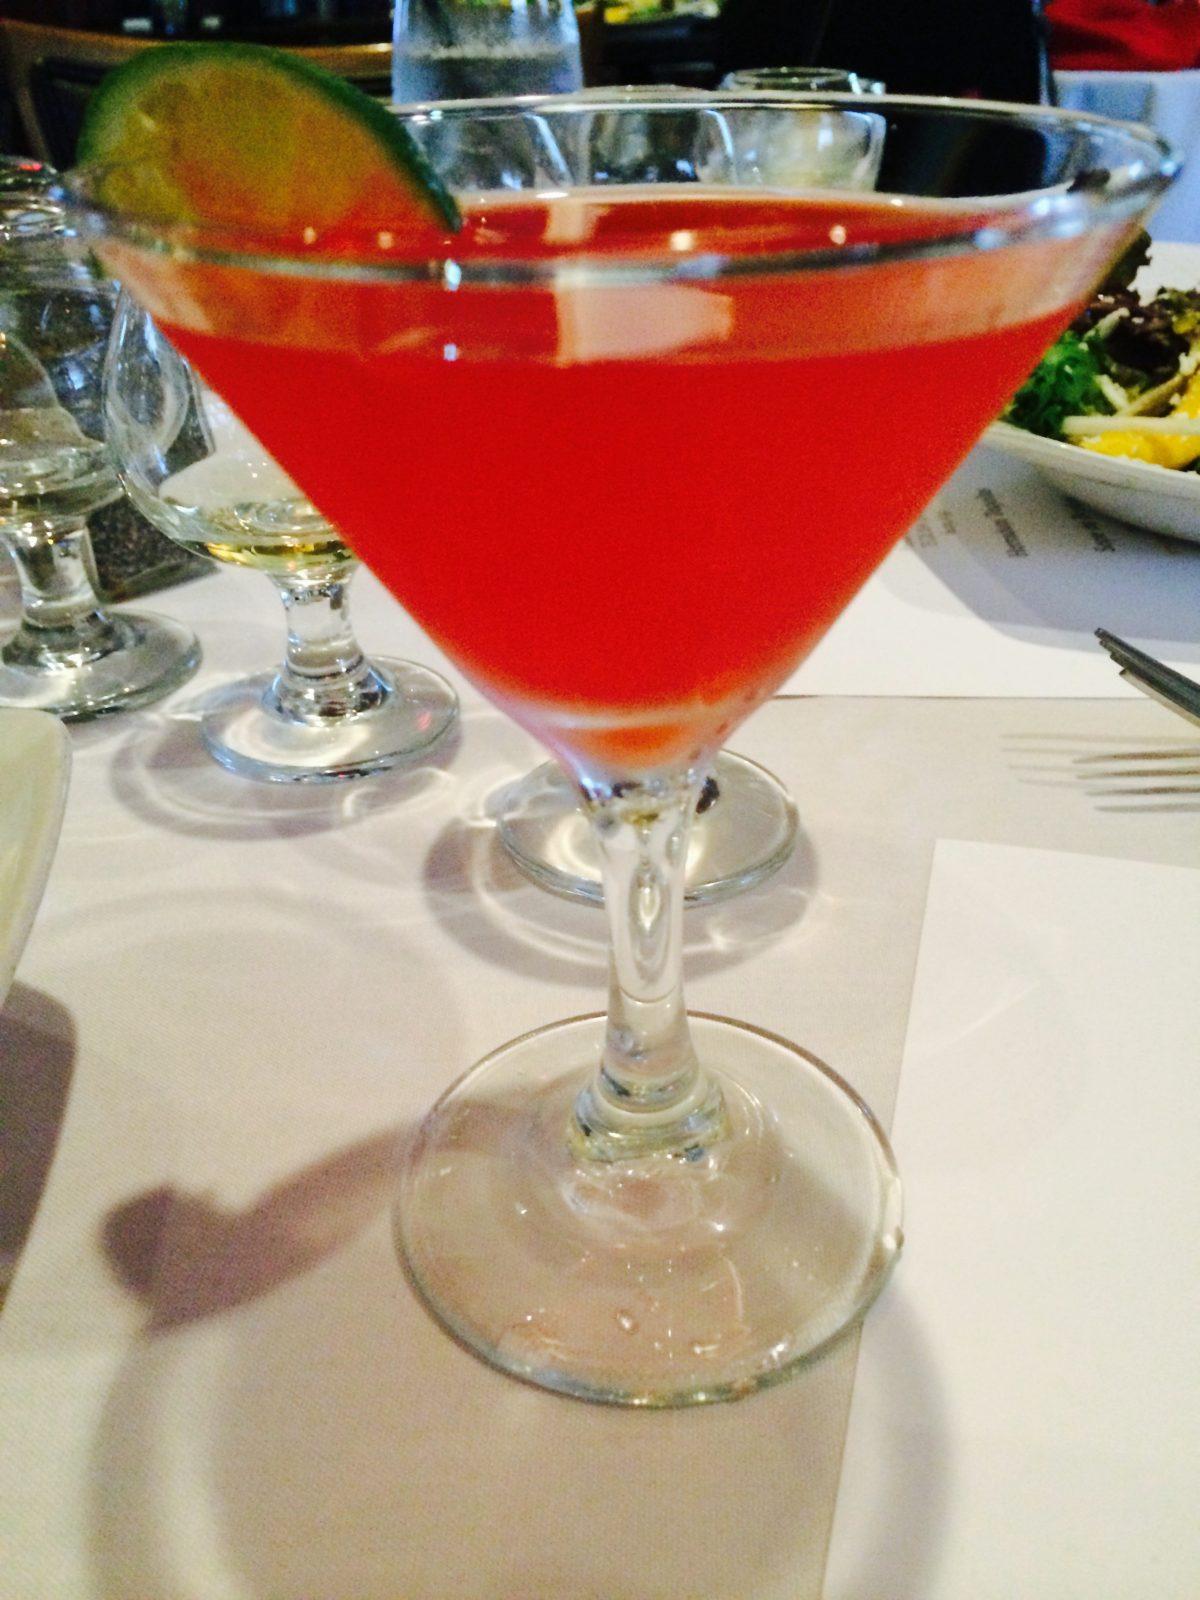 Cantina Laredo's Santiago Cocktail